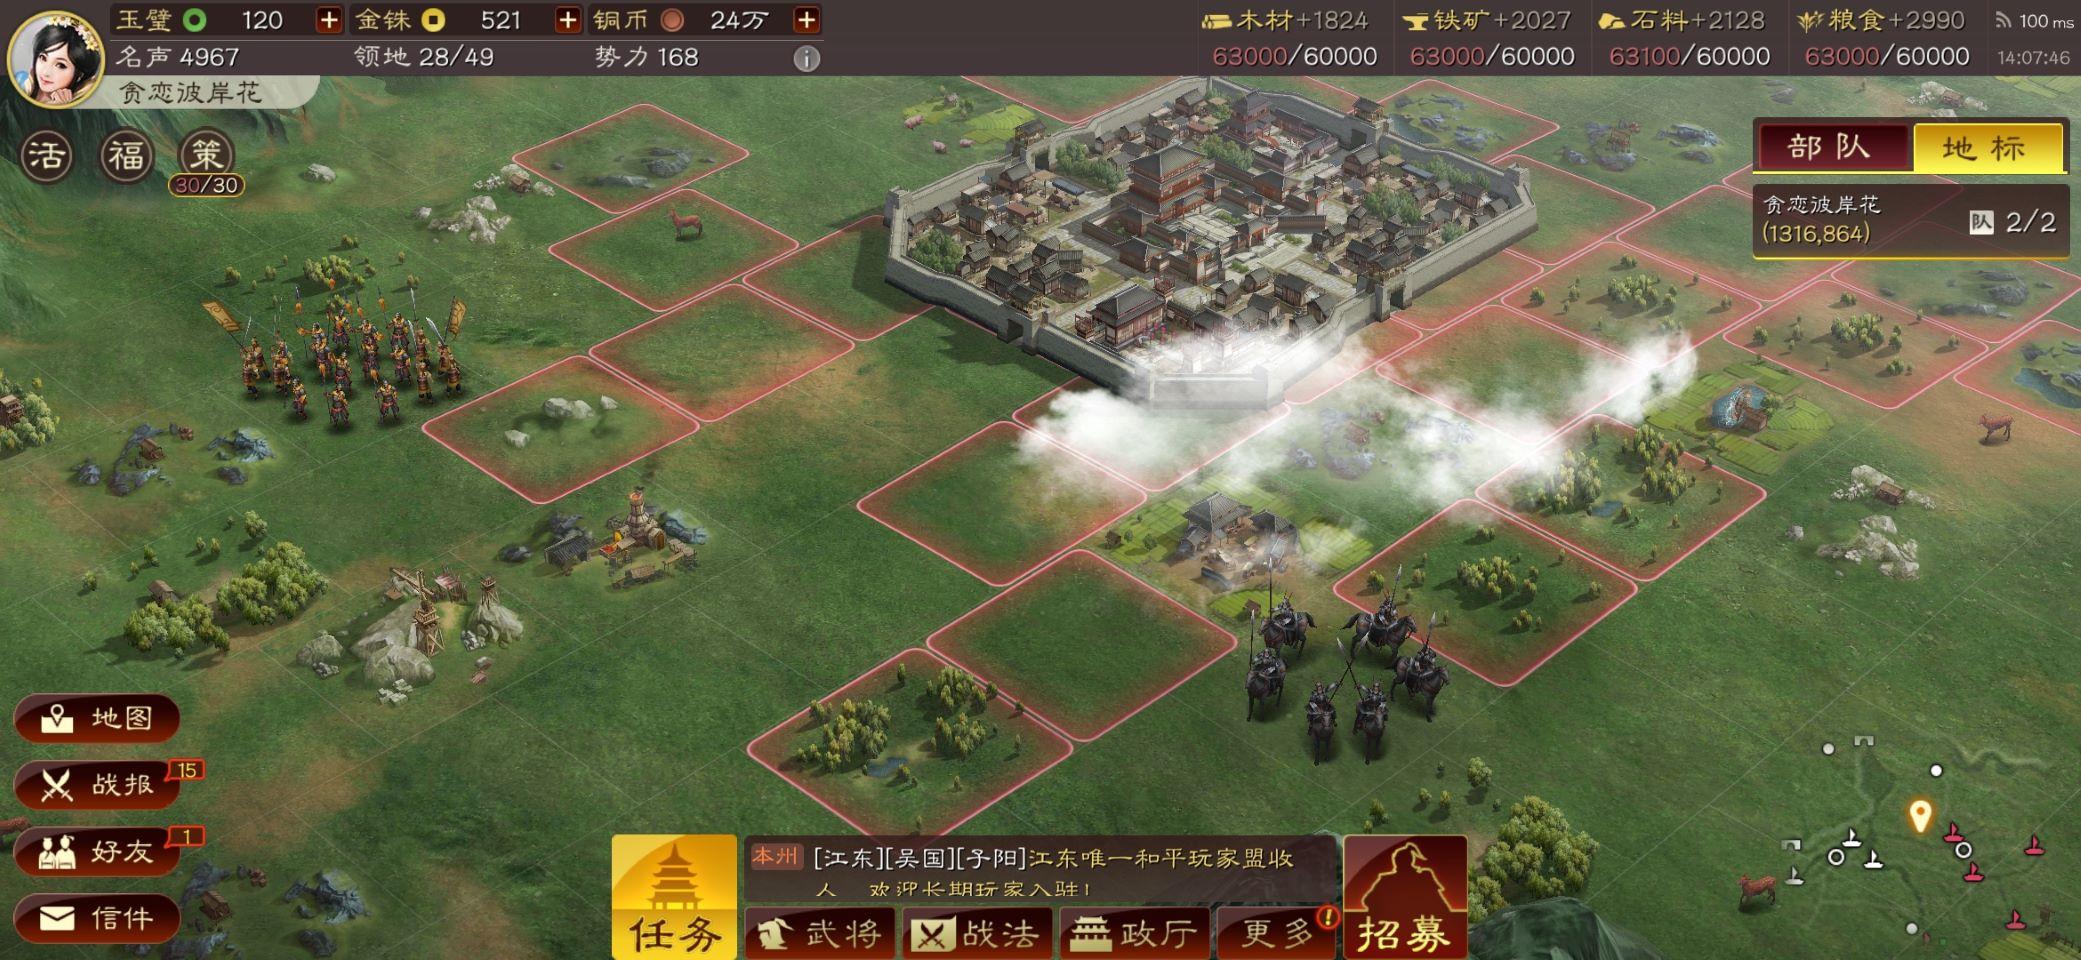 《三国志·战略版》3D版本评测:玩法未动,画面先行